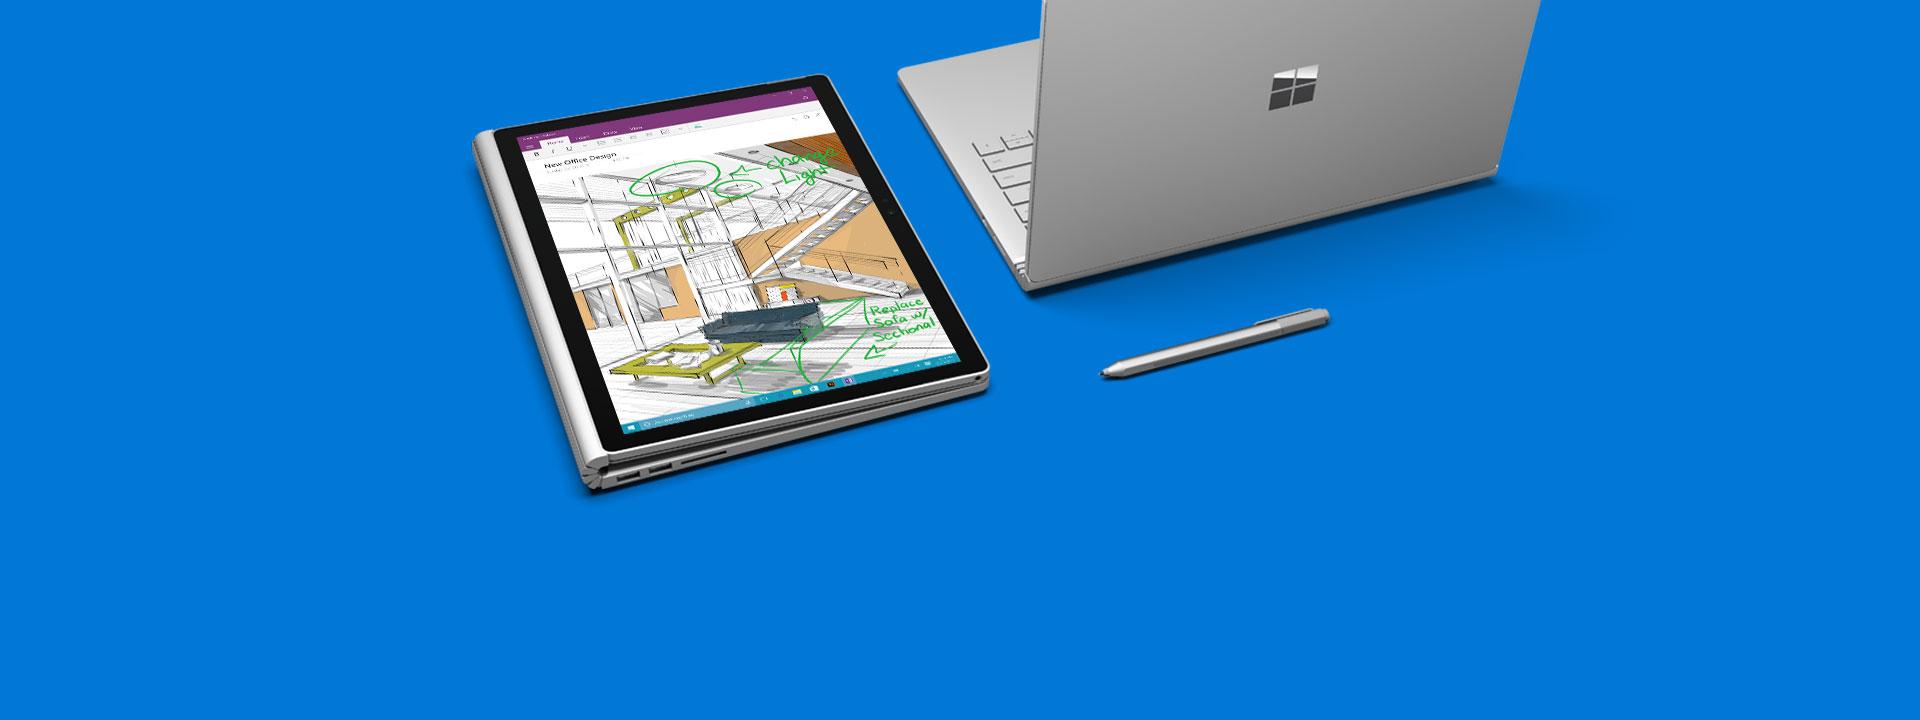 Weitere Informationen zu Surface Book.